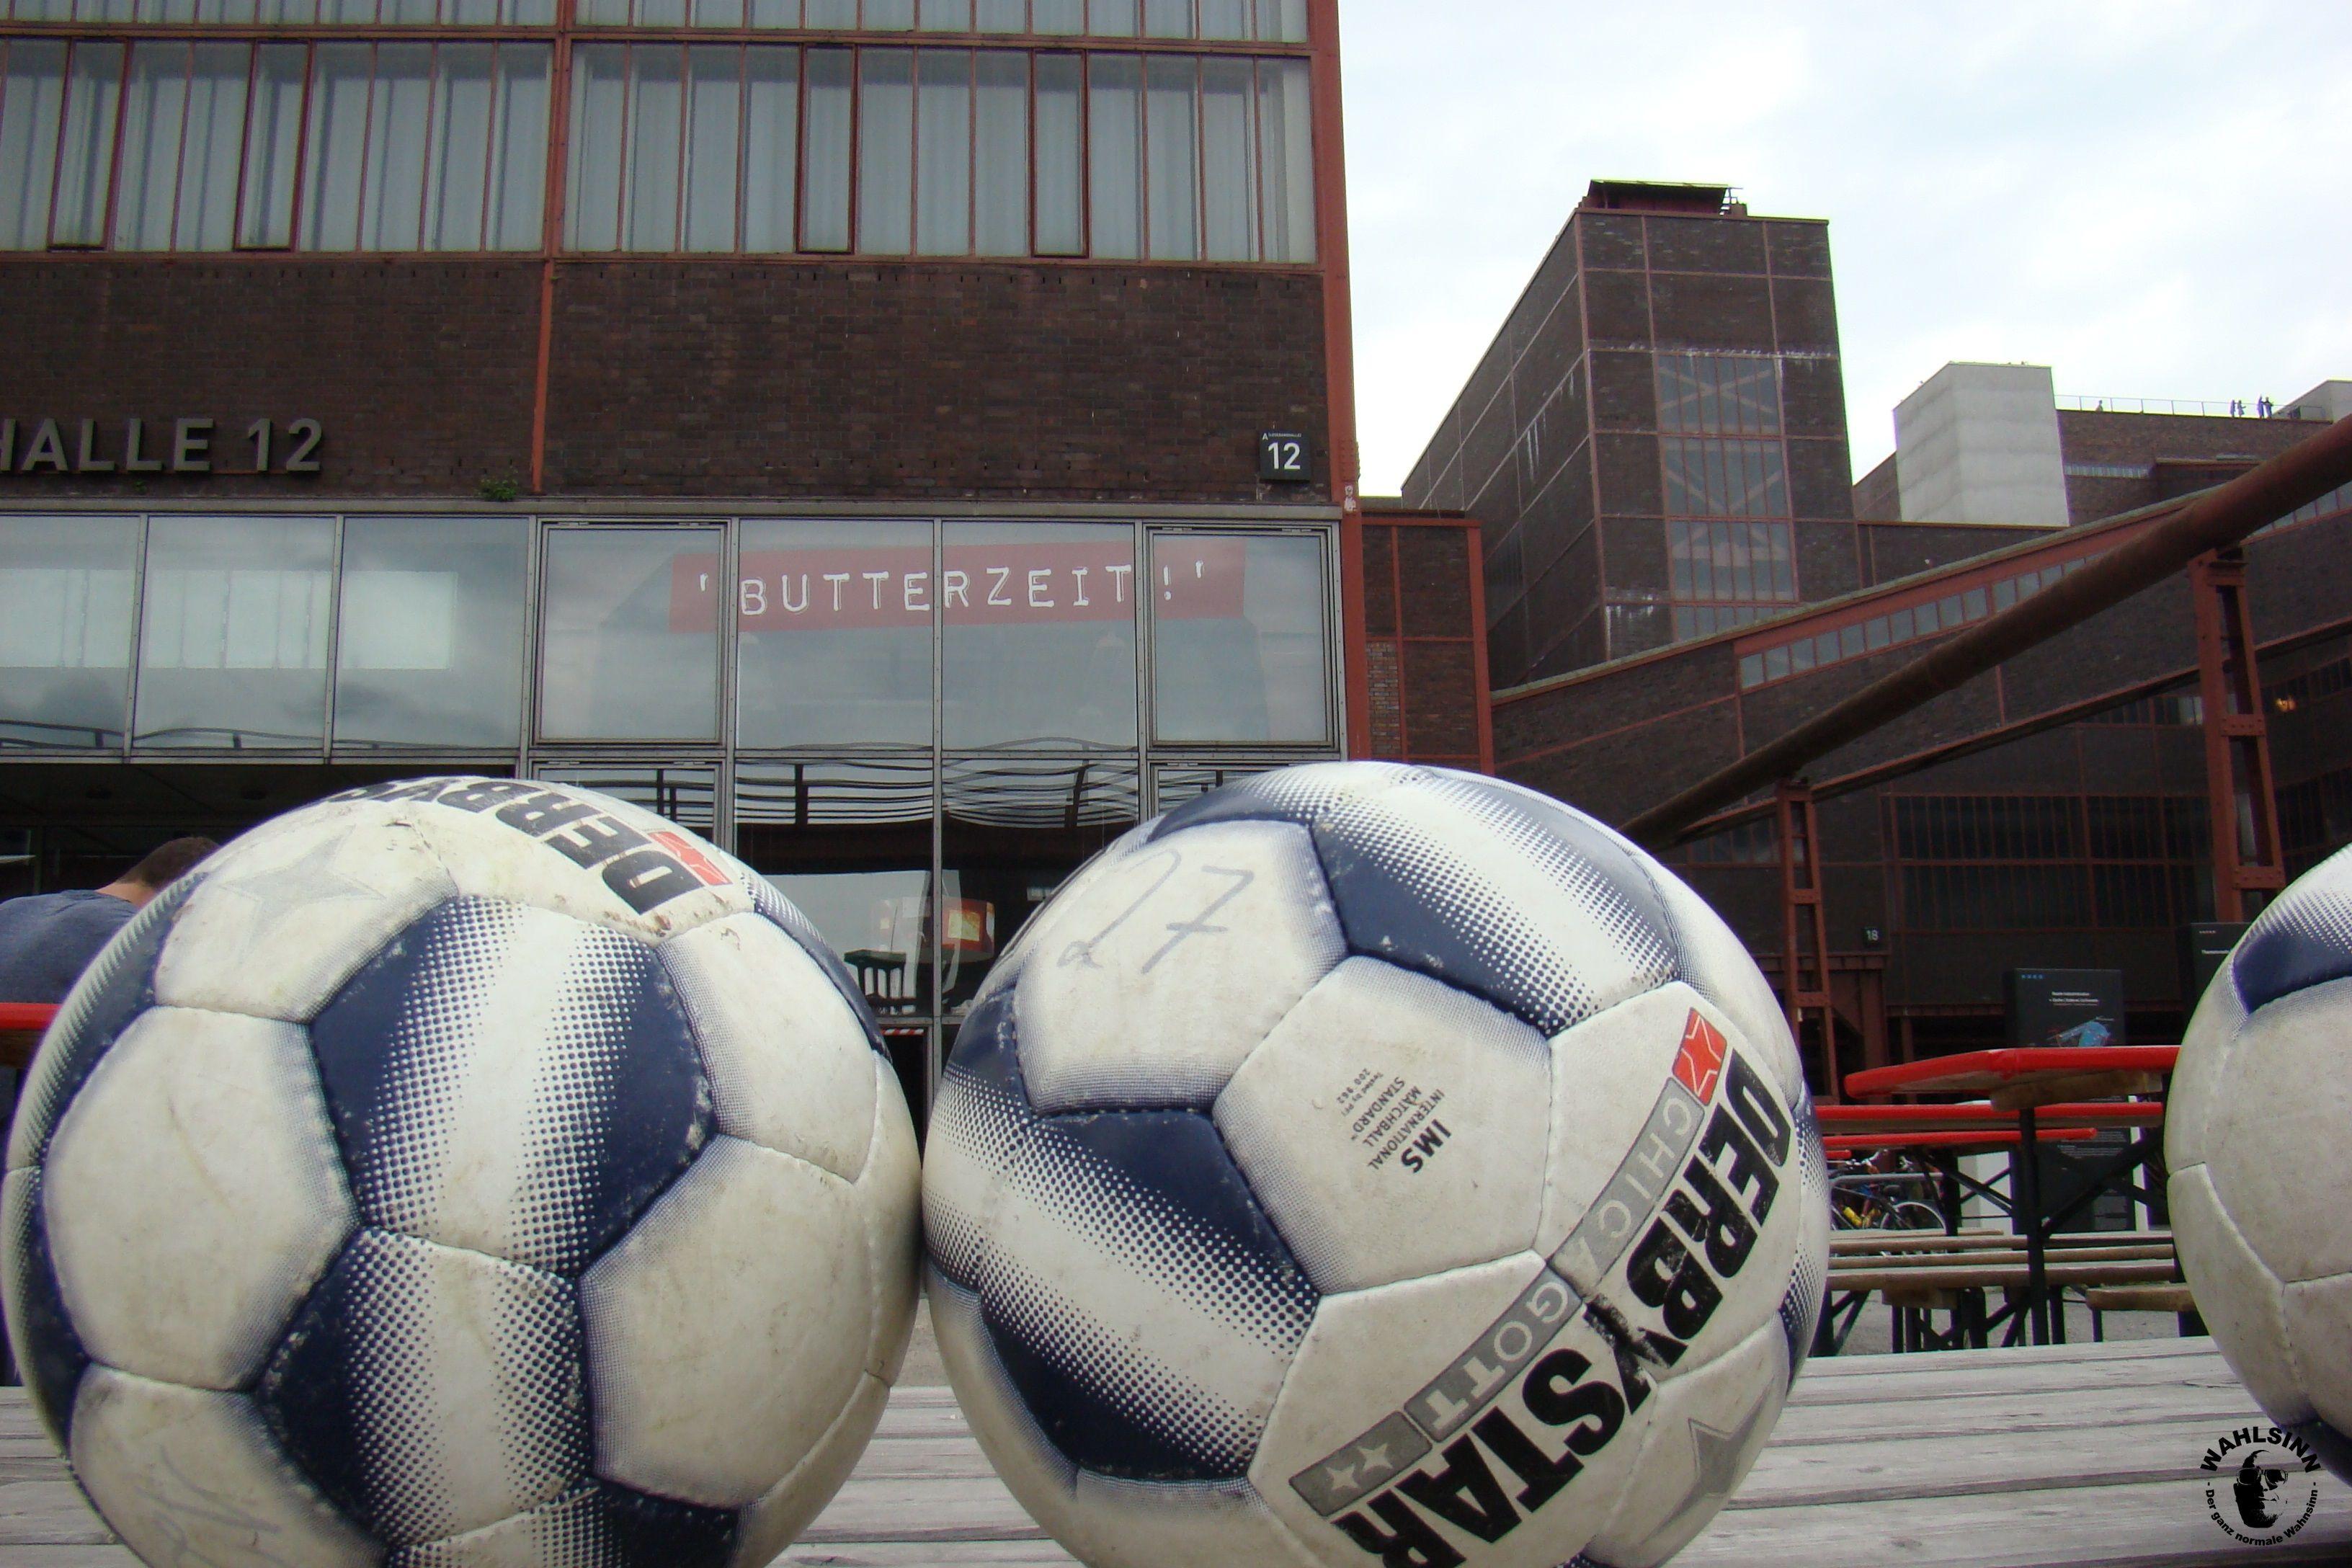 Fußballgolf - Kurz vorm Kickoff auf Zeche Zollverein in Essen